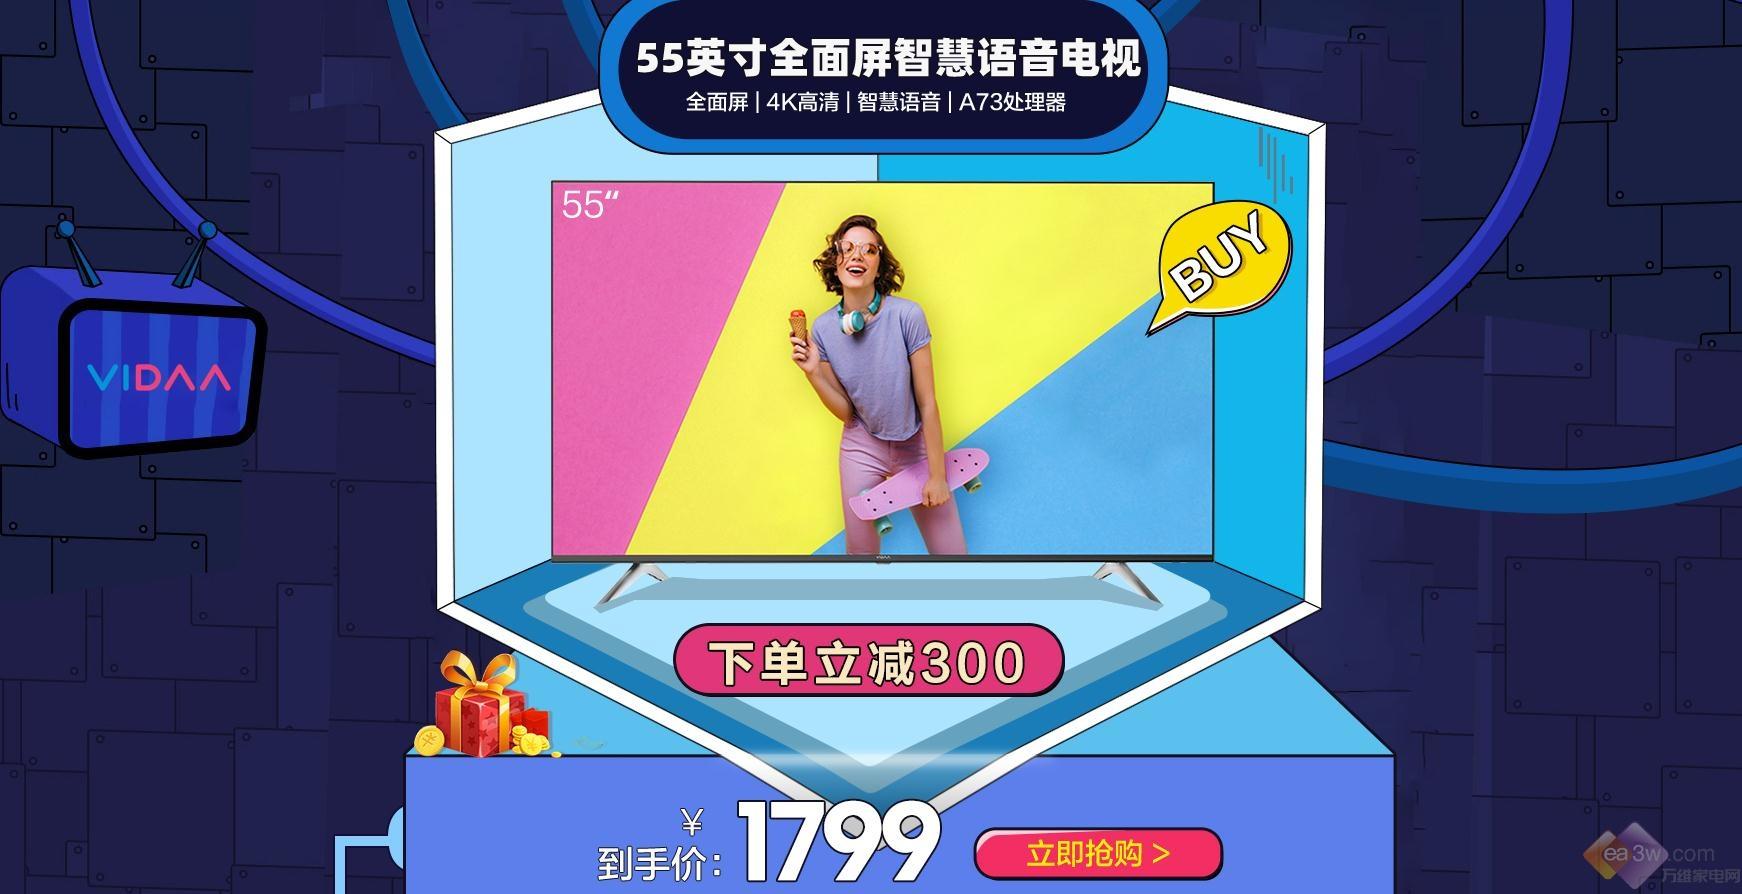 """别等双11了!55吋VIDAA V1F""""全面屏""""电视首发价1799元"""